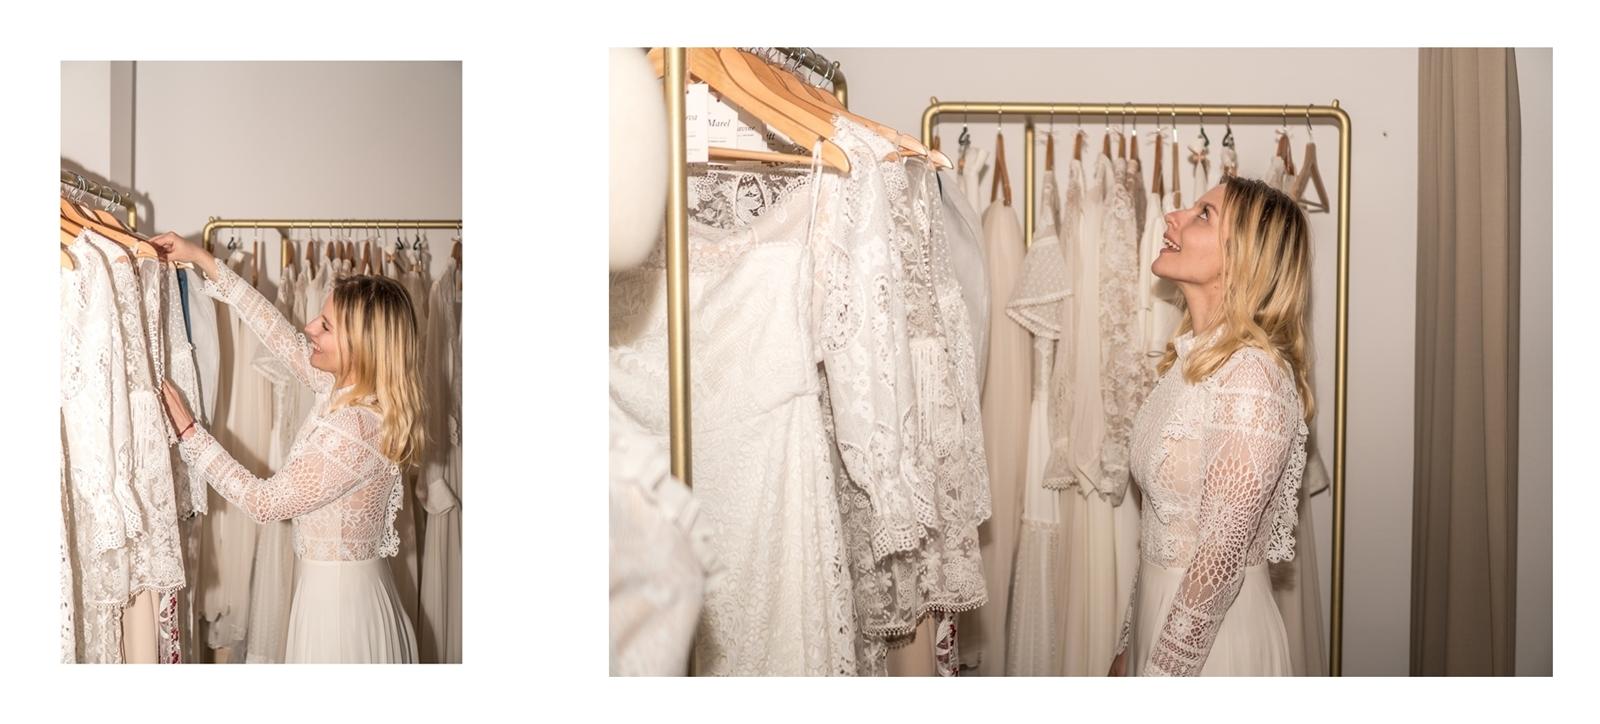 15 suknia ślubna rustykalna poznań warszawa łódź kraków kielce gdańsk trójmiasto szczecin toruń wrocław katowice